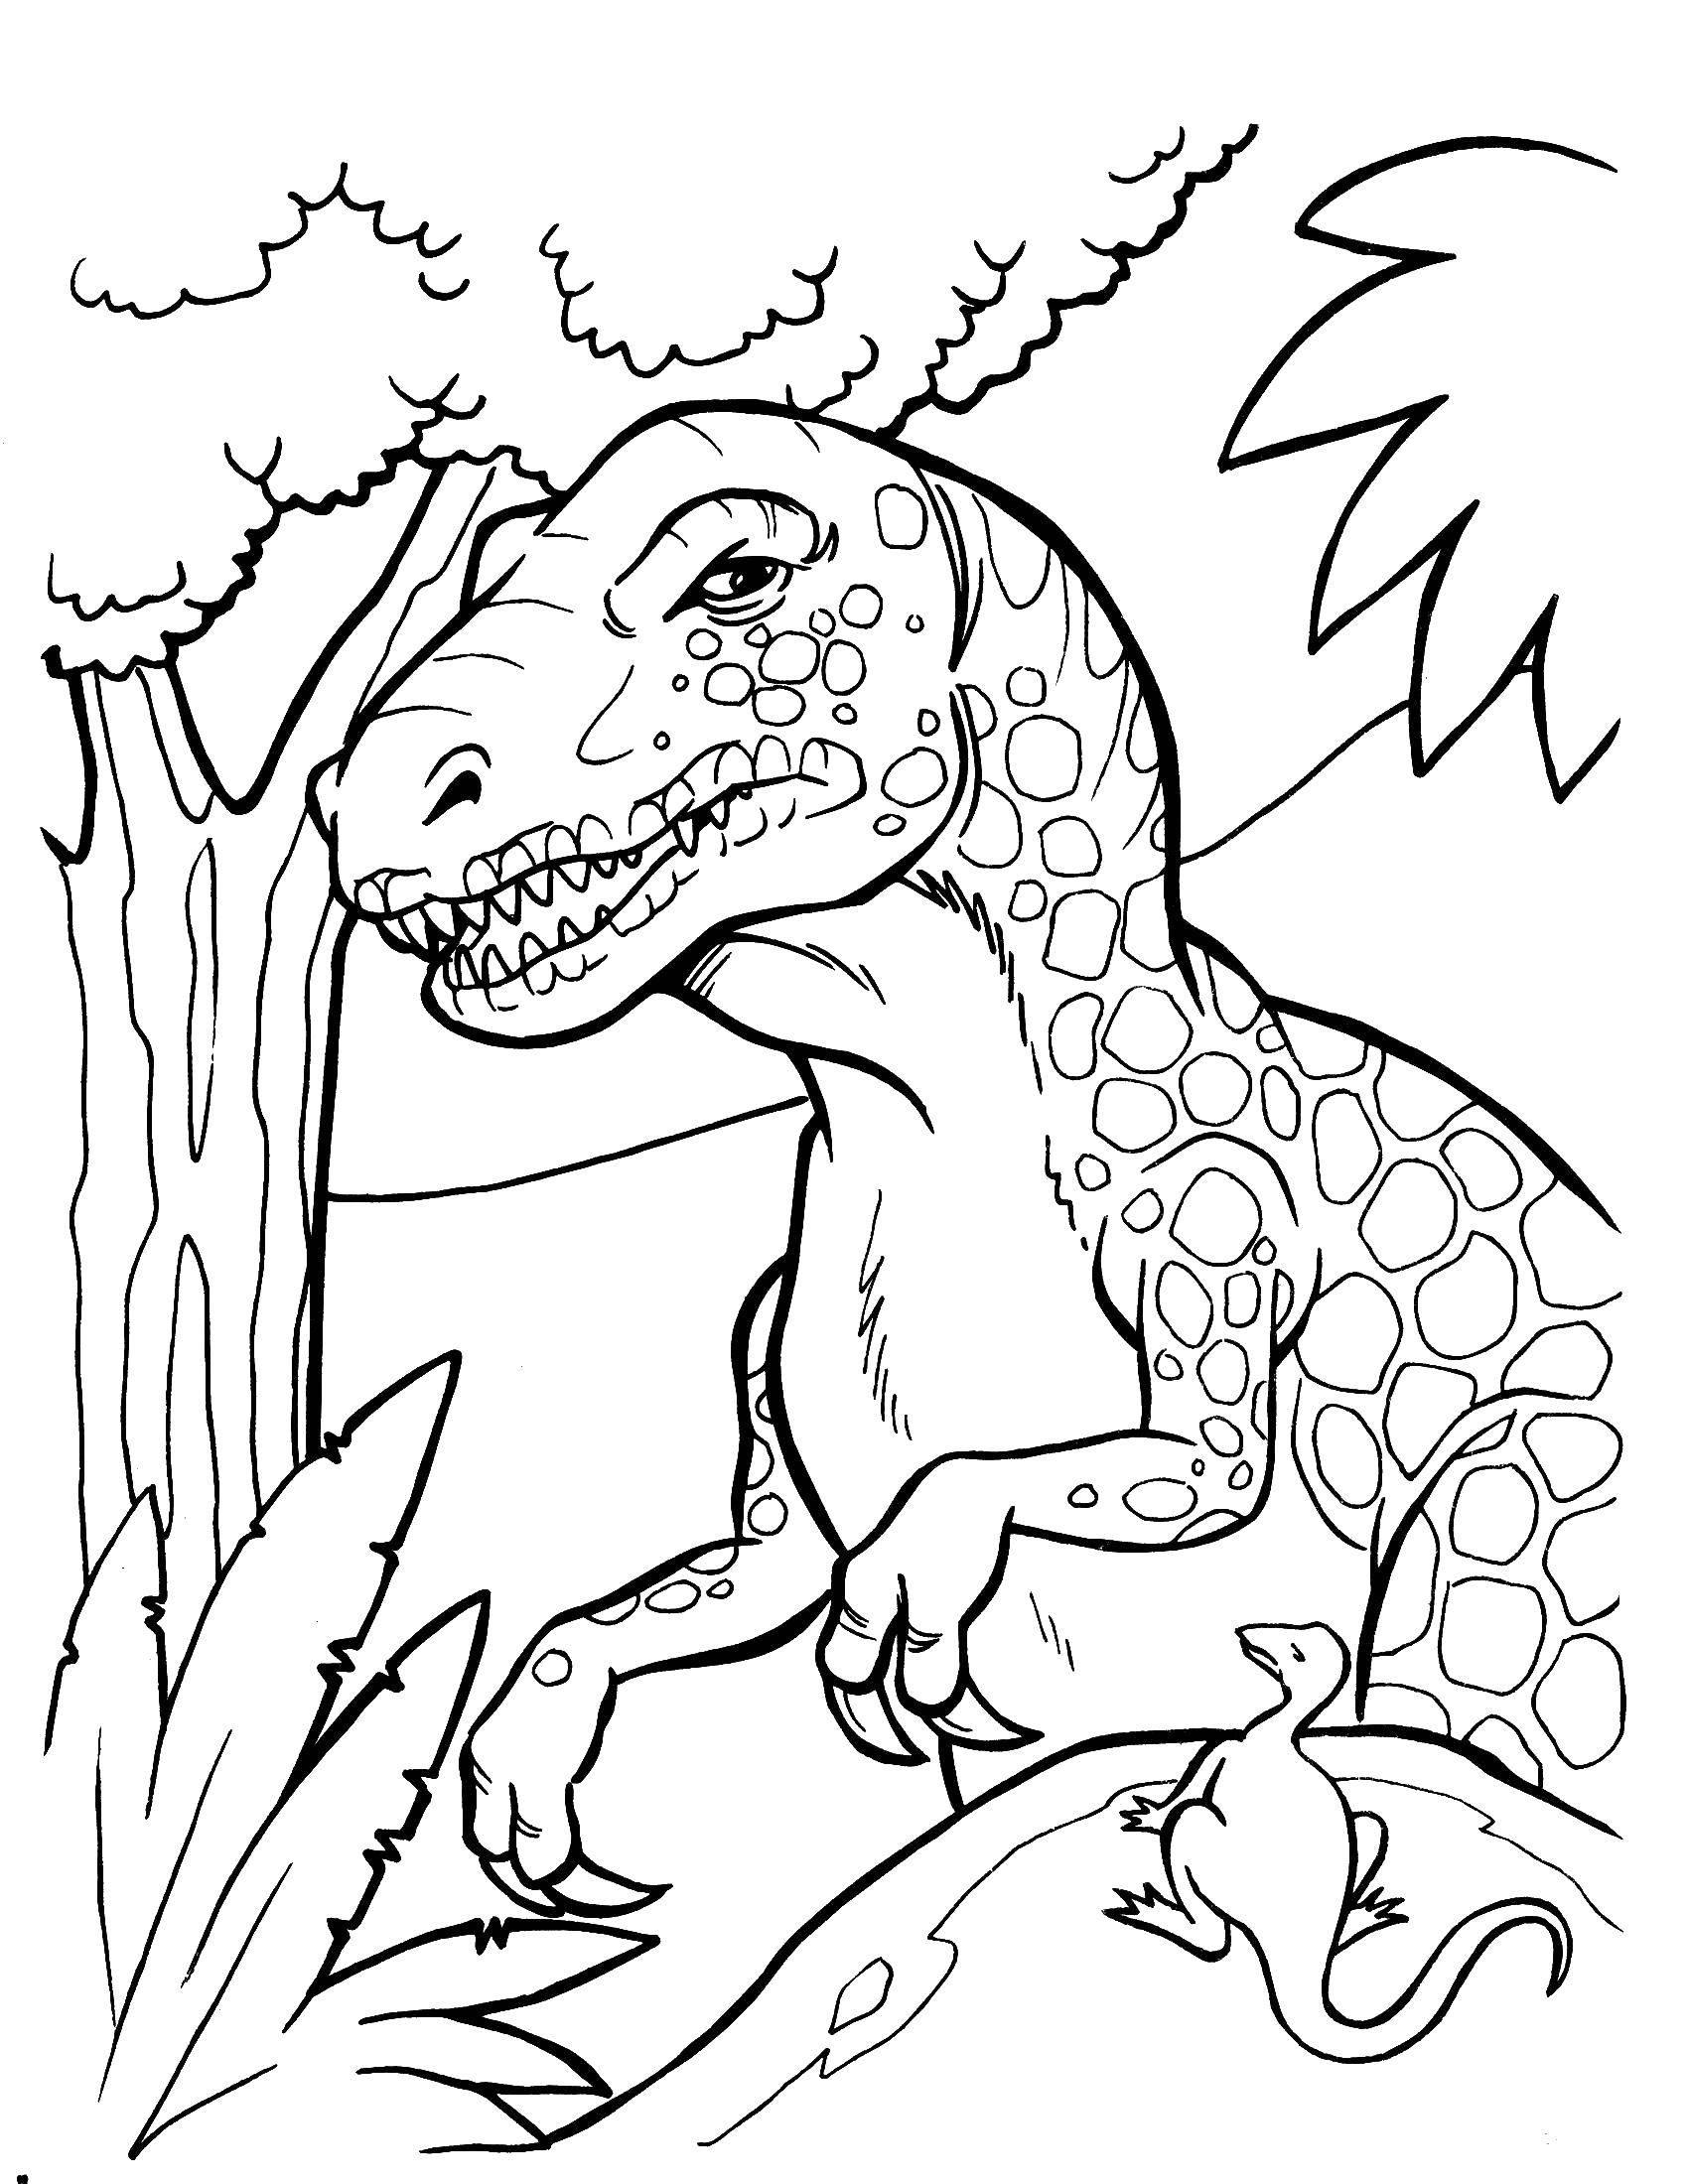 Тираннозавр рэкс в пятнышках